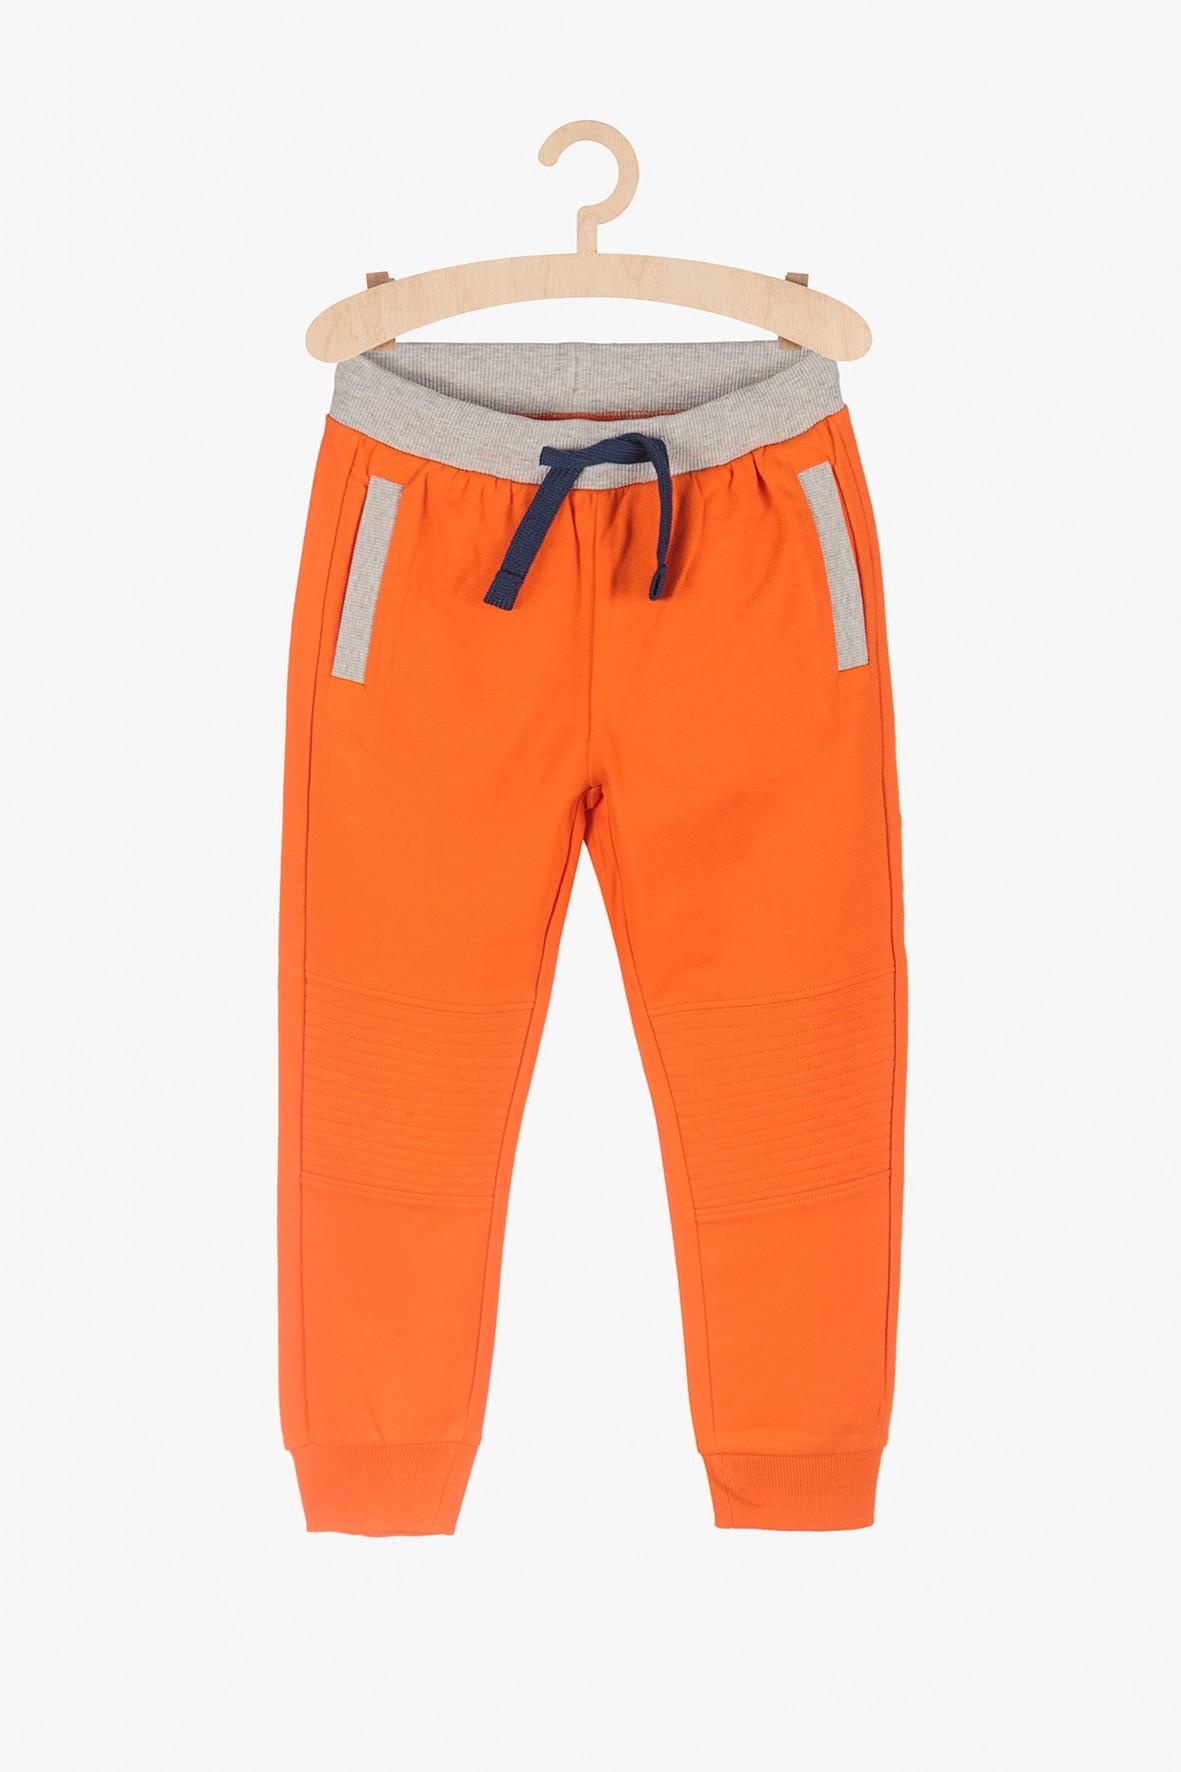 Spodnie dresowe chłopięce - pomarańczowe